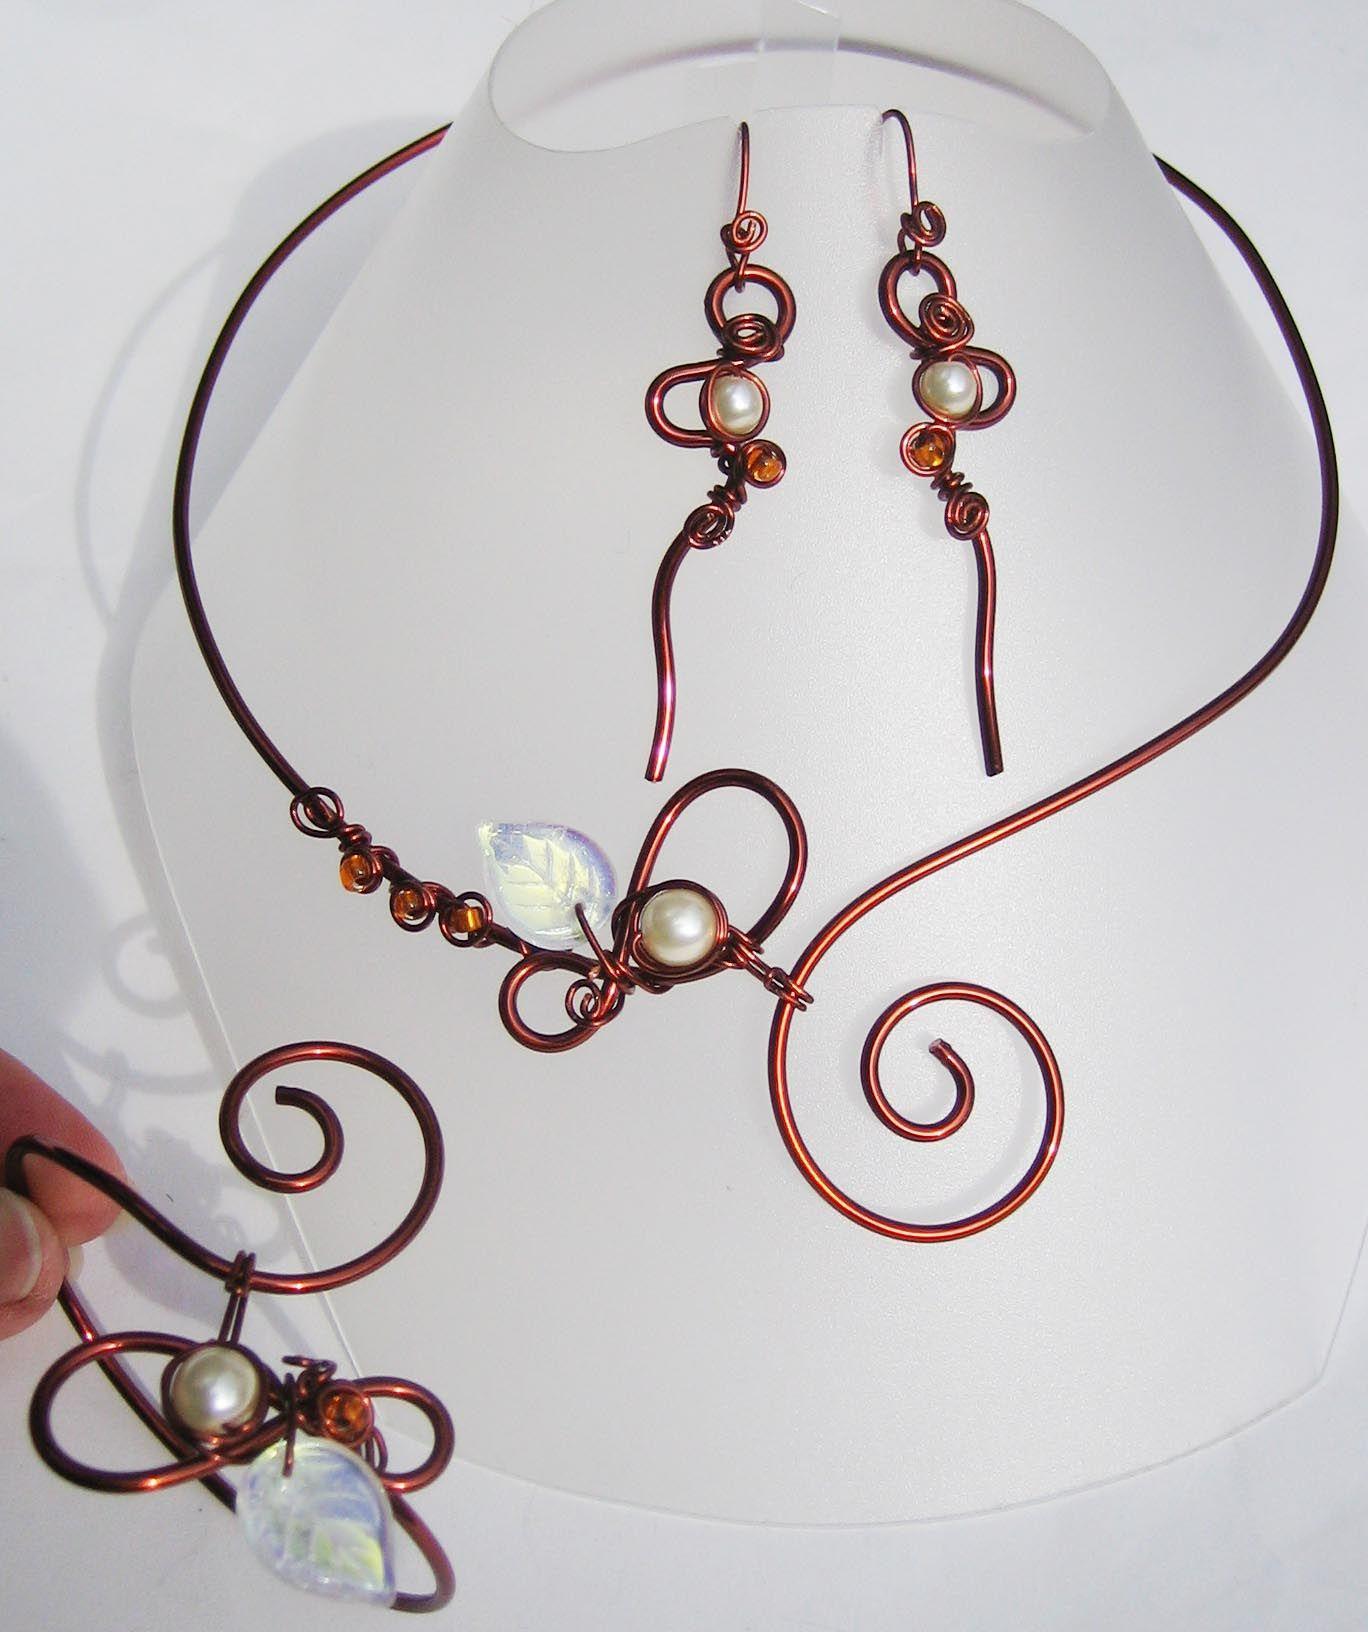 Top Collier mariage fil de cuivre, comme collier mariage fil aluminium  MR51